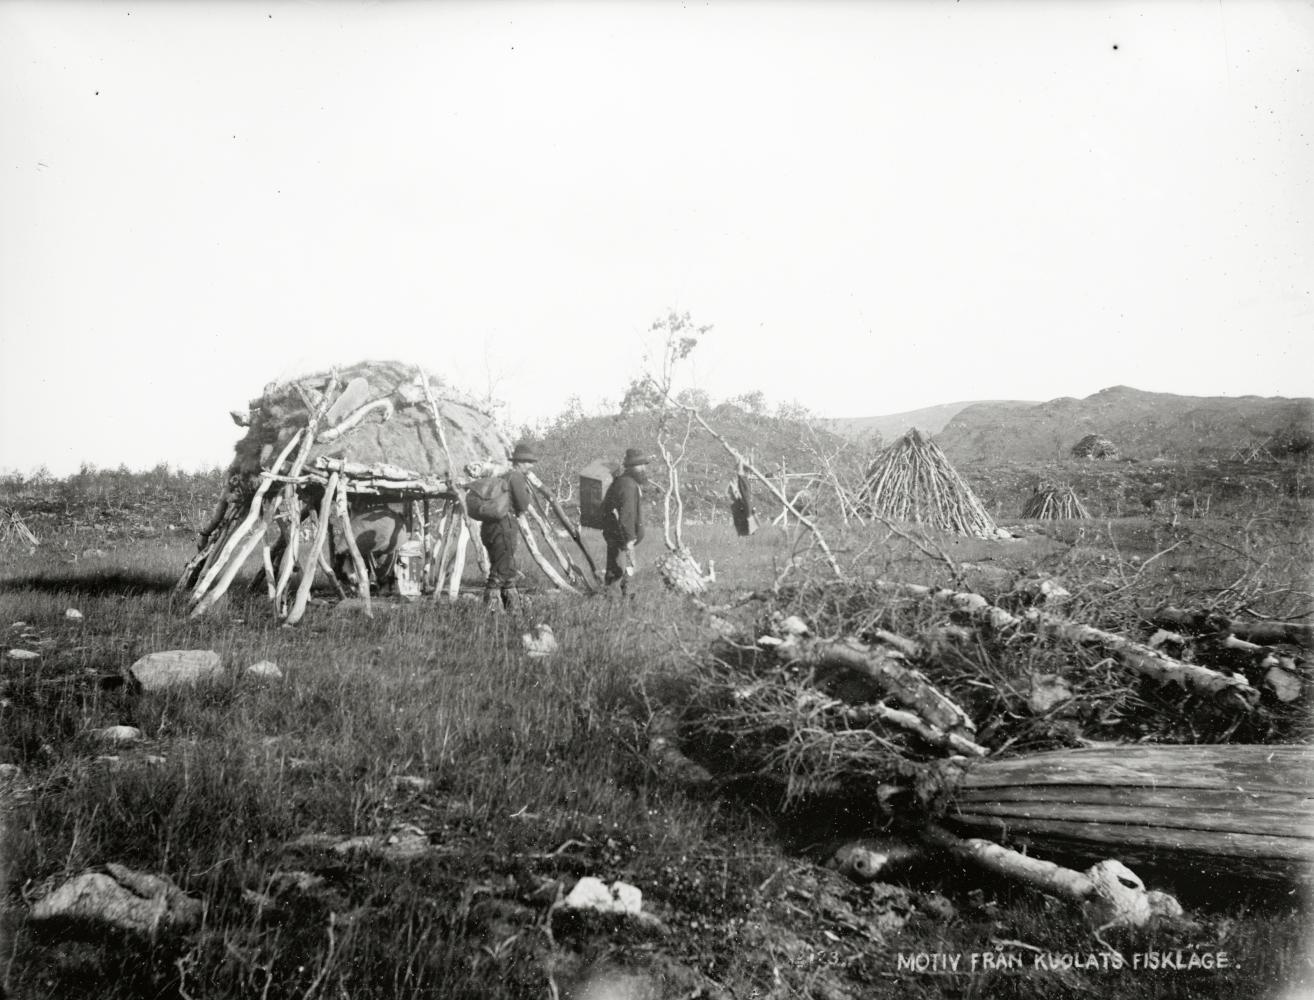 Motiv från Kuolats fiskeläge år 1910.